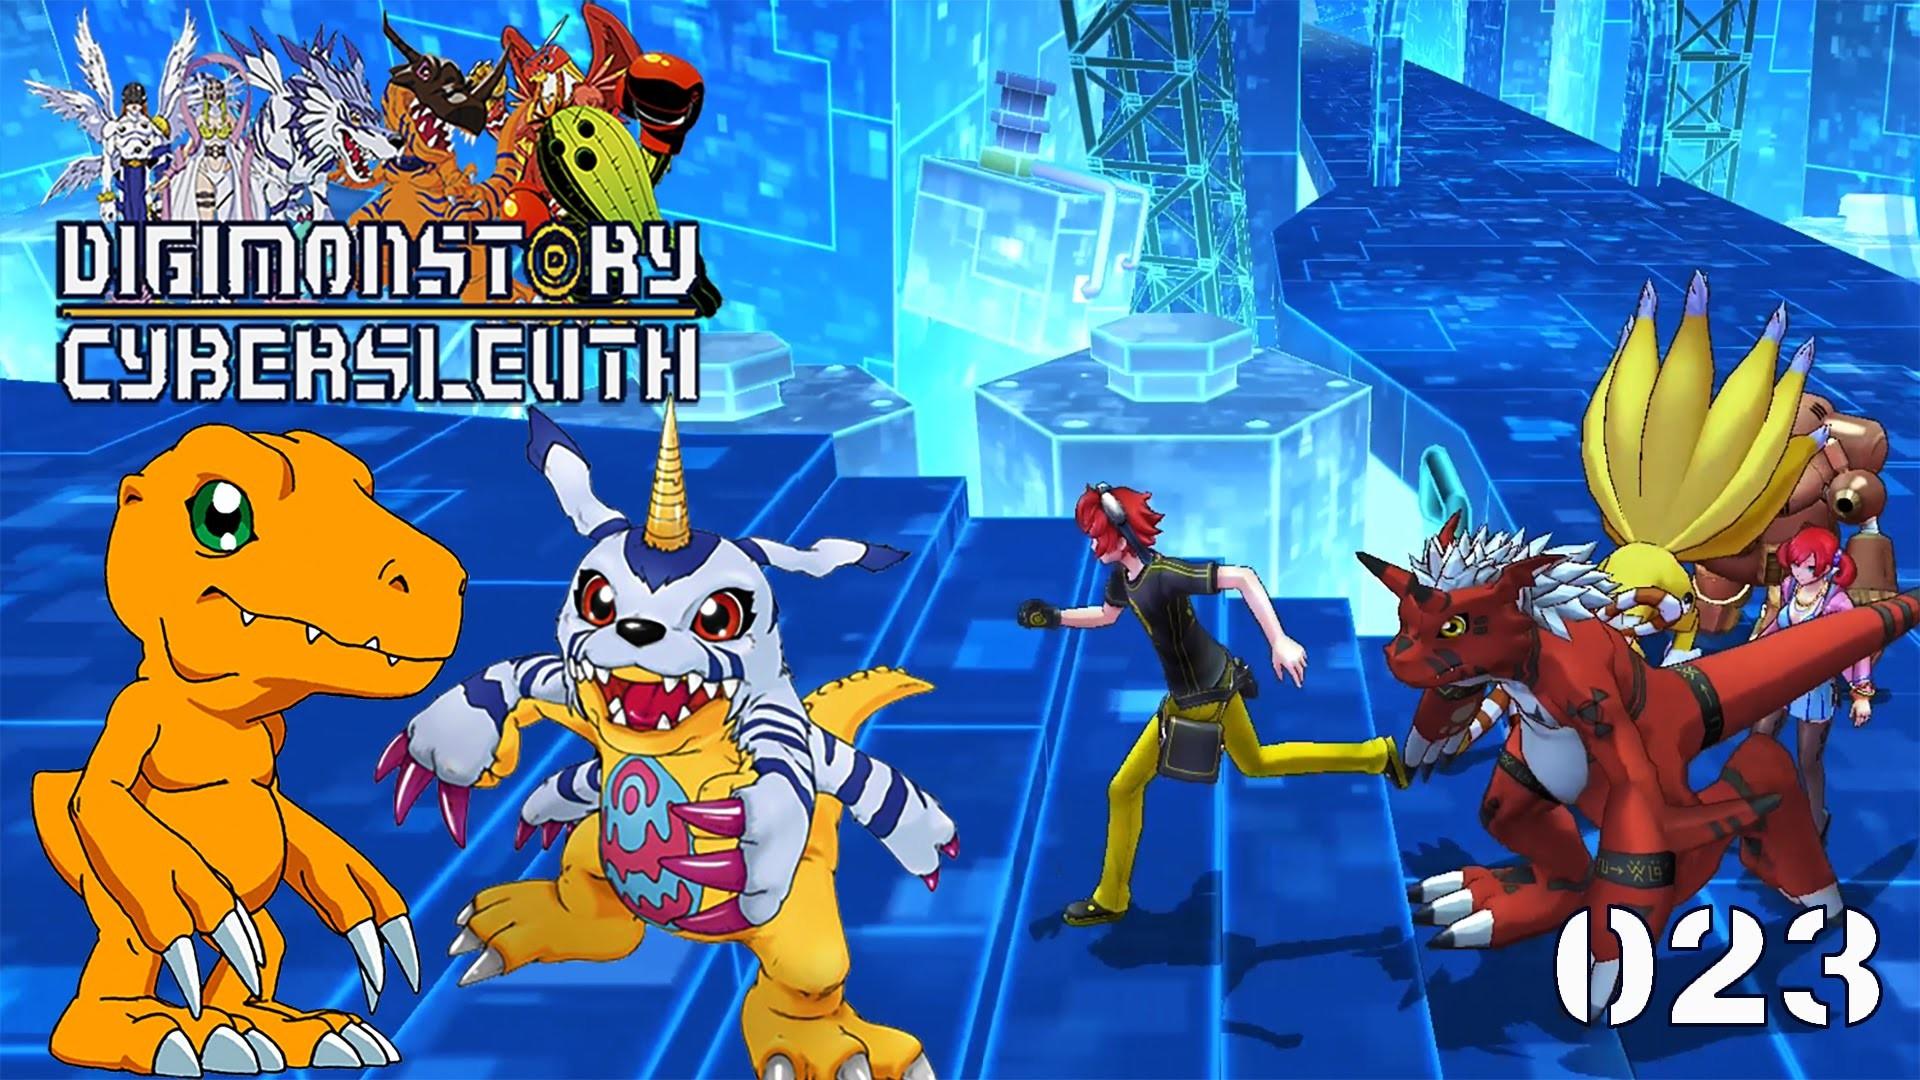 Res: 1920x1080, Digimon Story: Cyber Sleuth [023] Die Suche nach Agumon und Gabumon  [Deutsch] Let's play Digimon